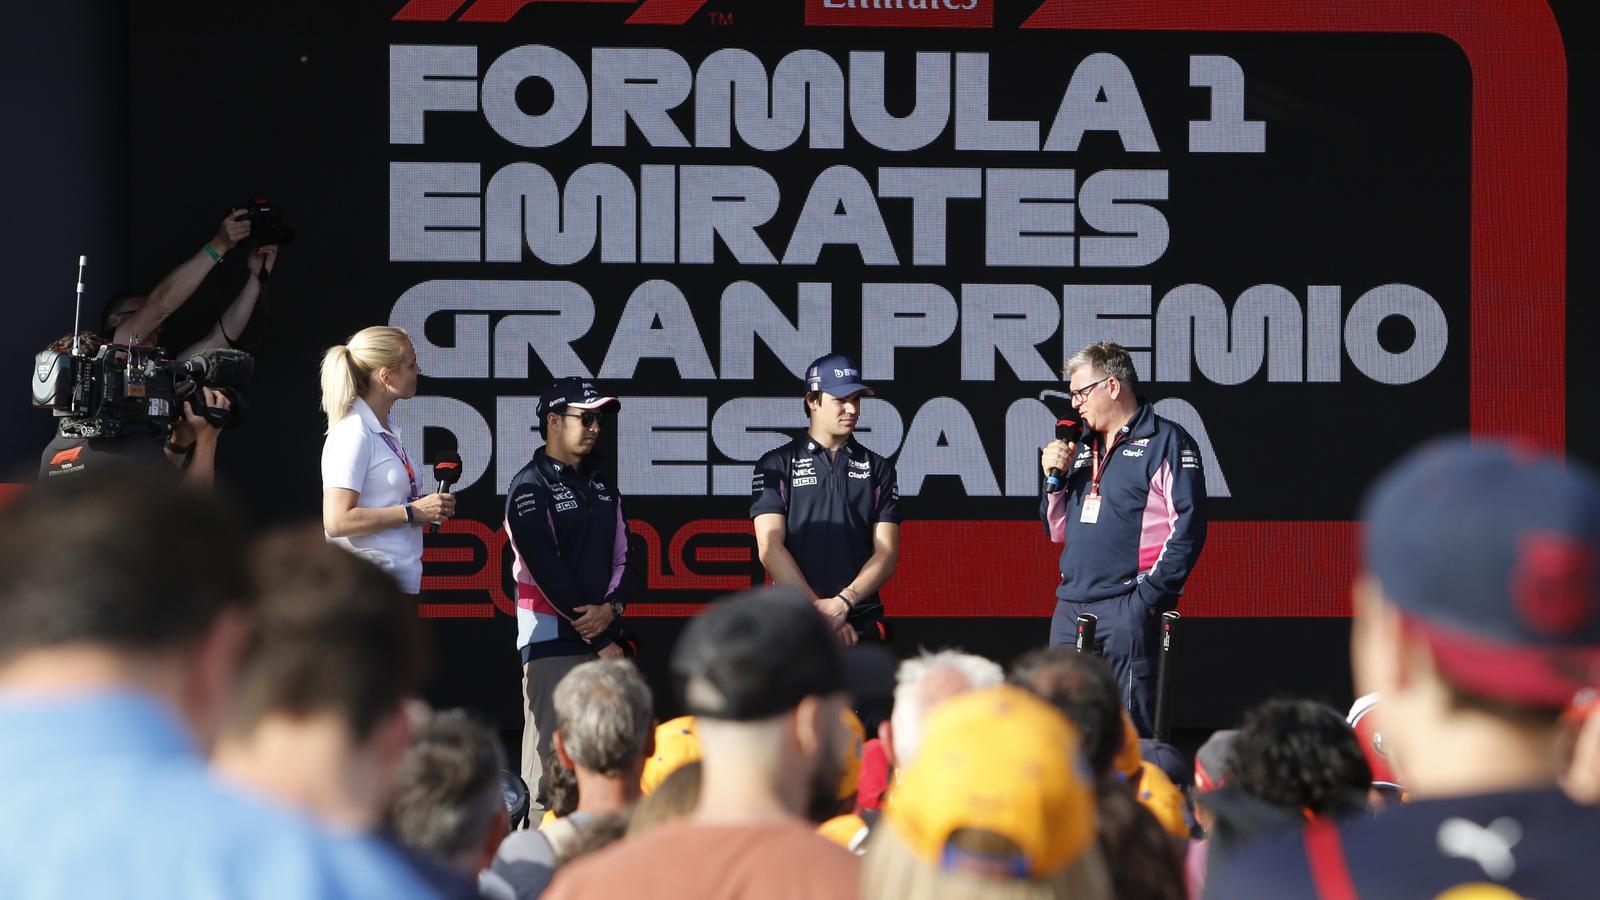 La Fórmula 1 s'ha acostat als espectadors